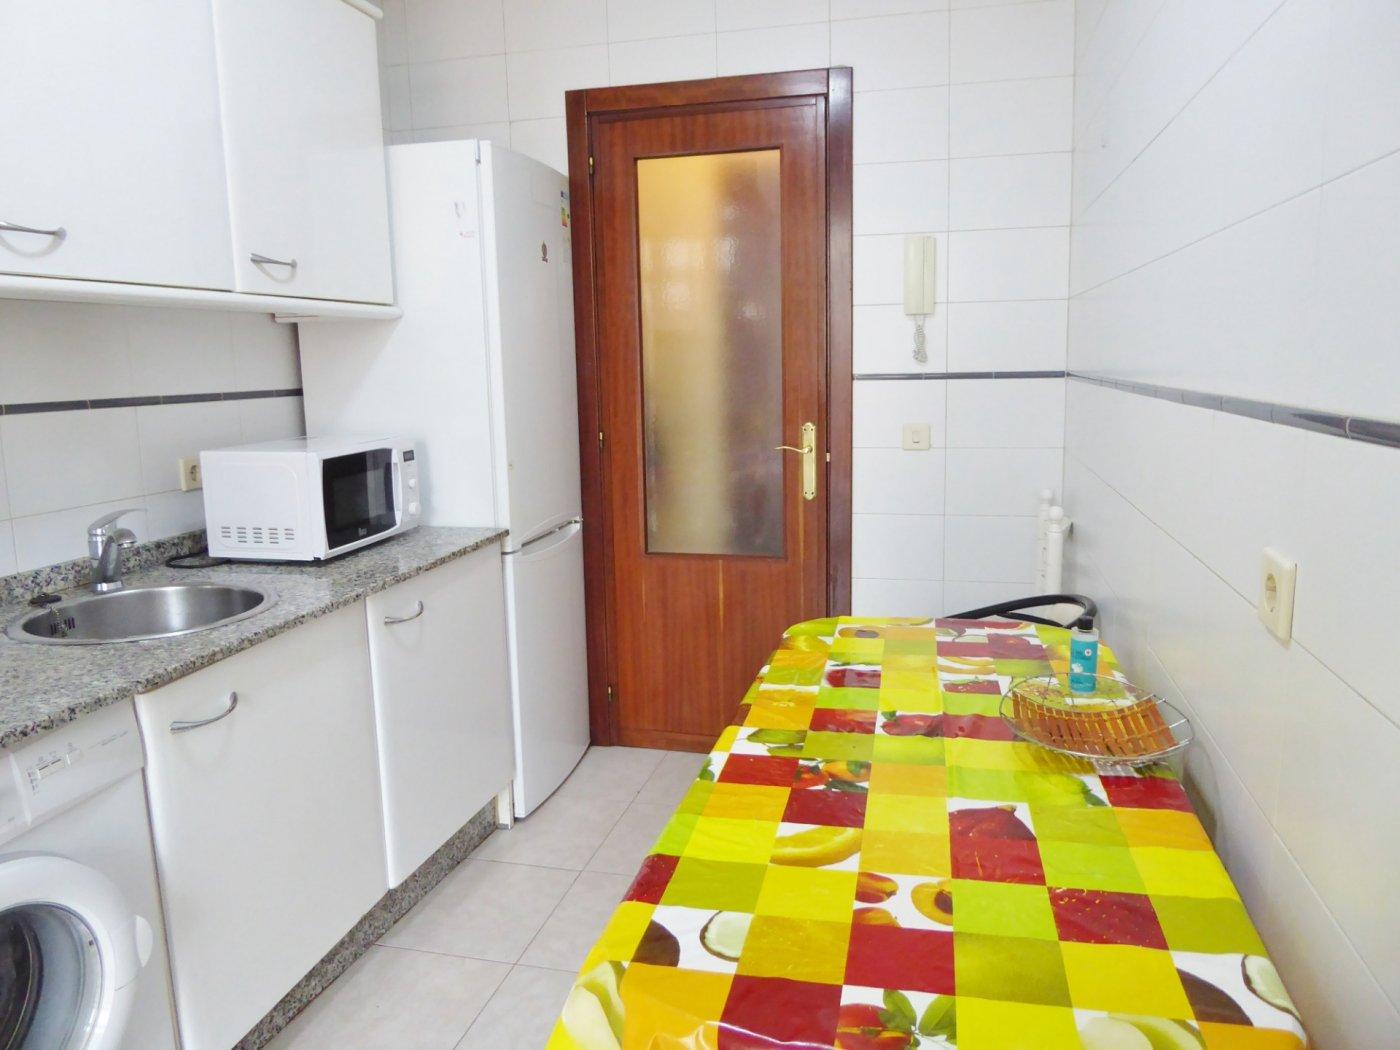 Alquiler de piso en gijon - imagenInmueble6